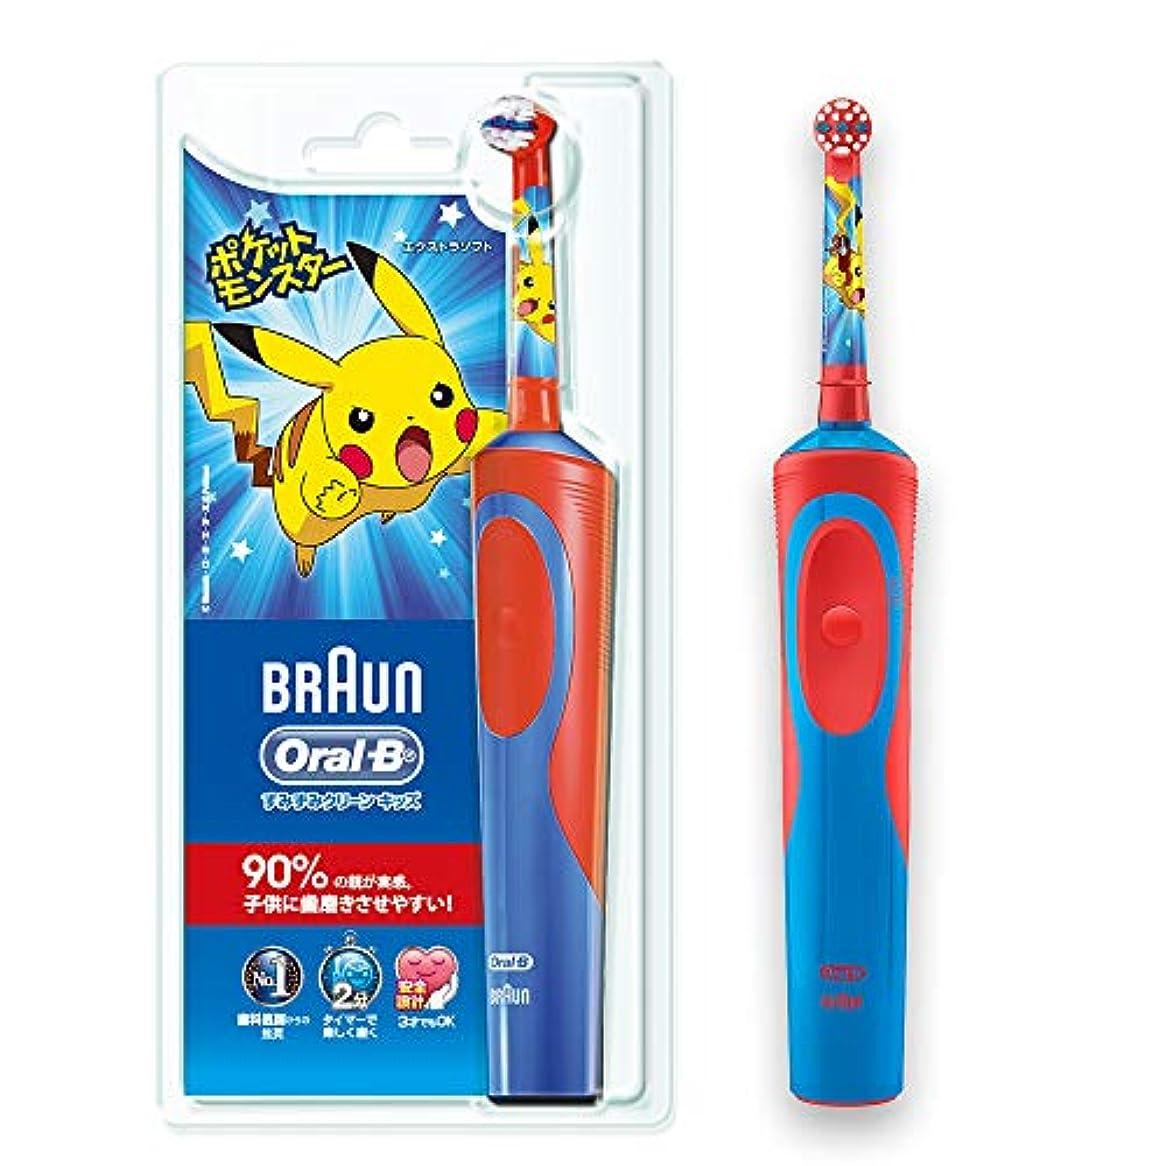 海外によると定常ブラウン オーラルB 電動歯ブラシ 子供用 D12513KPKMB すみずみクリーンキッズ 本体 レッド ポケモン 歯ブラシ